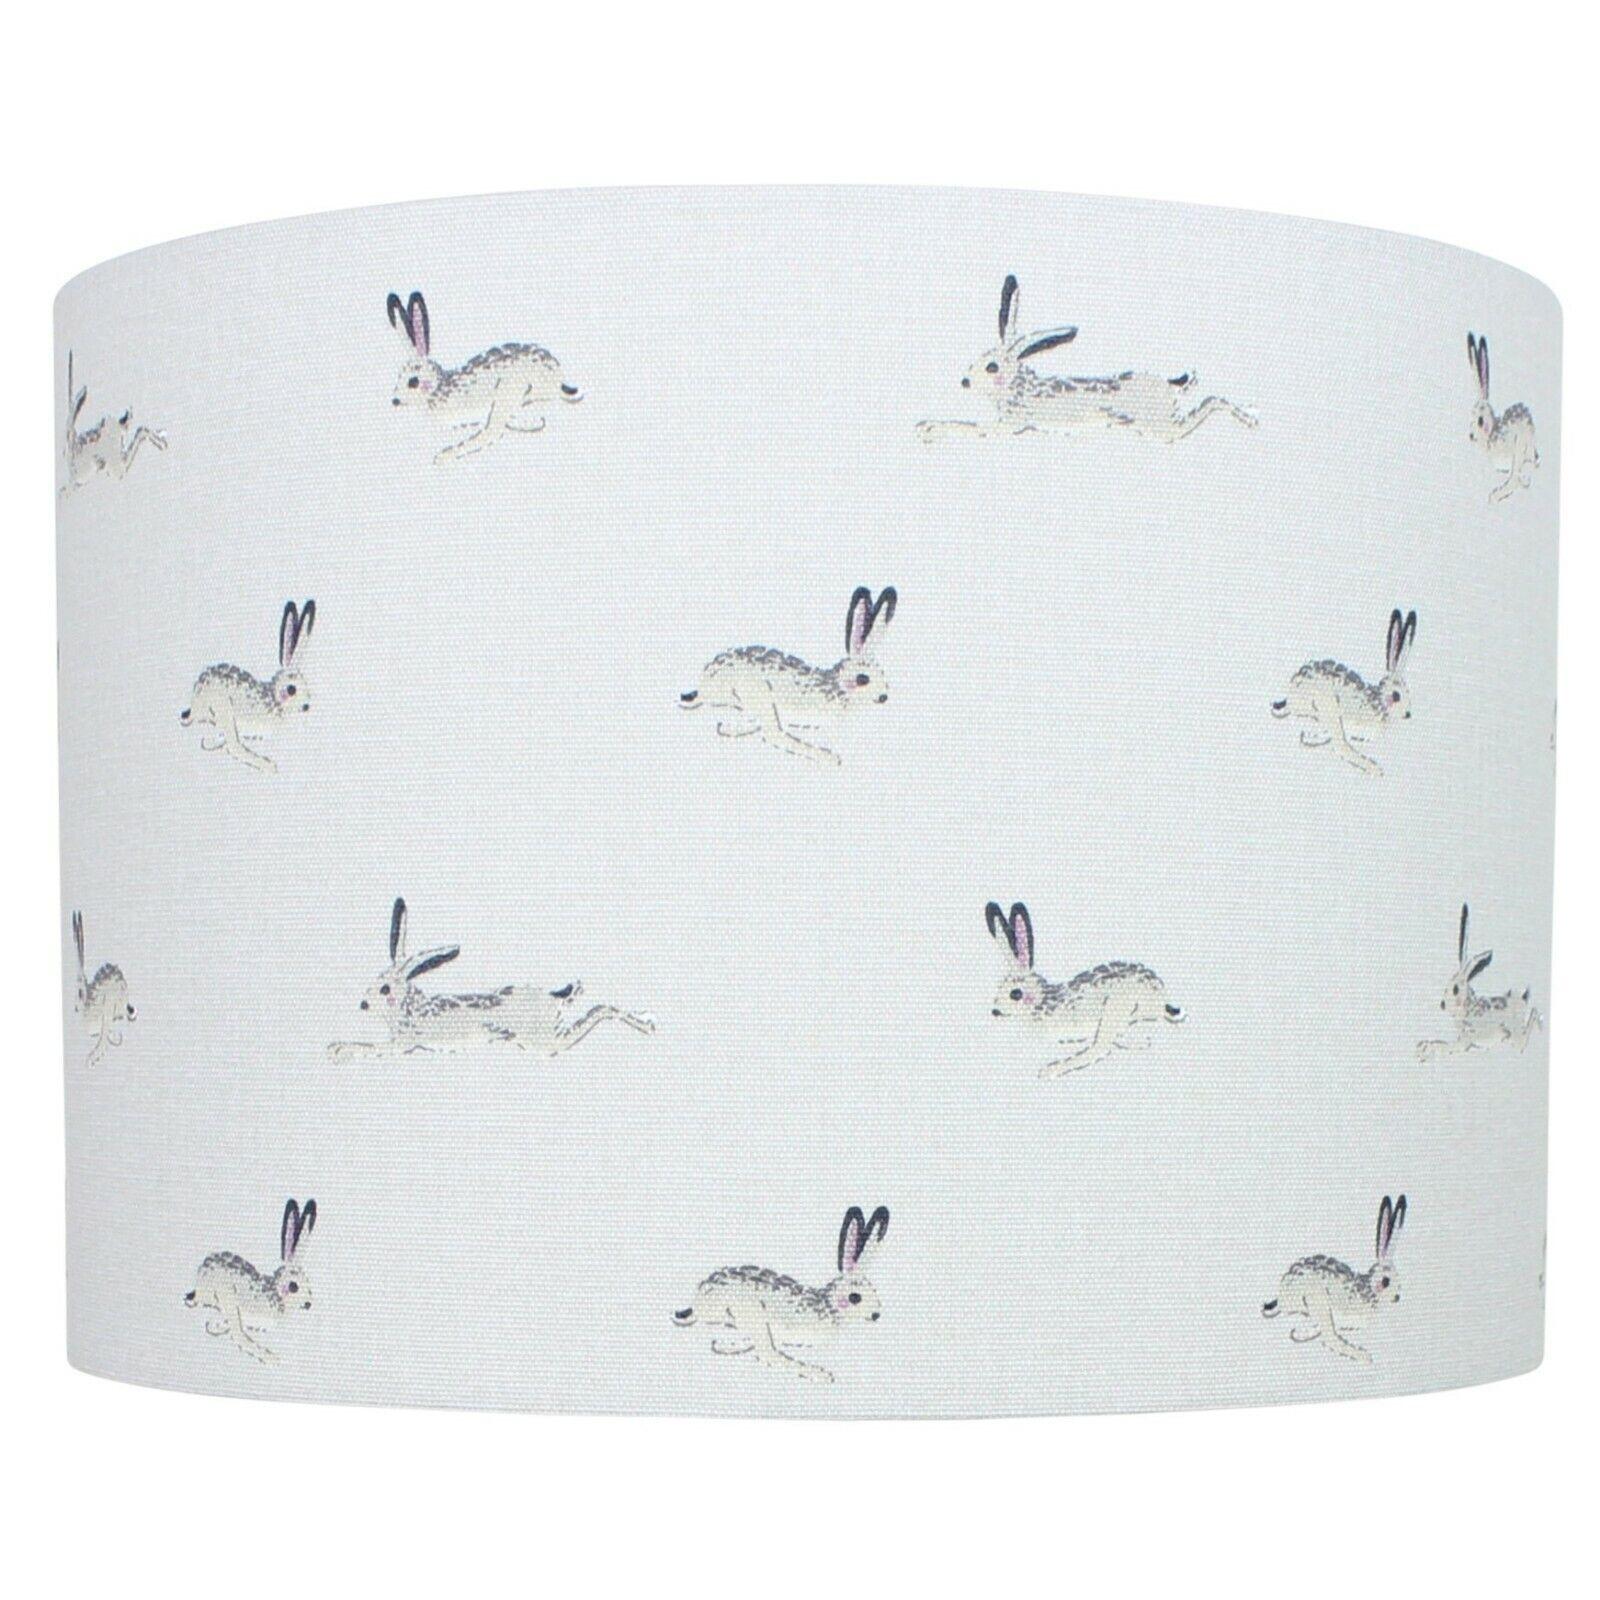 Hare Sophie Allport Drum Lampshade